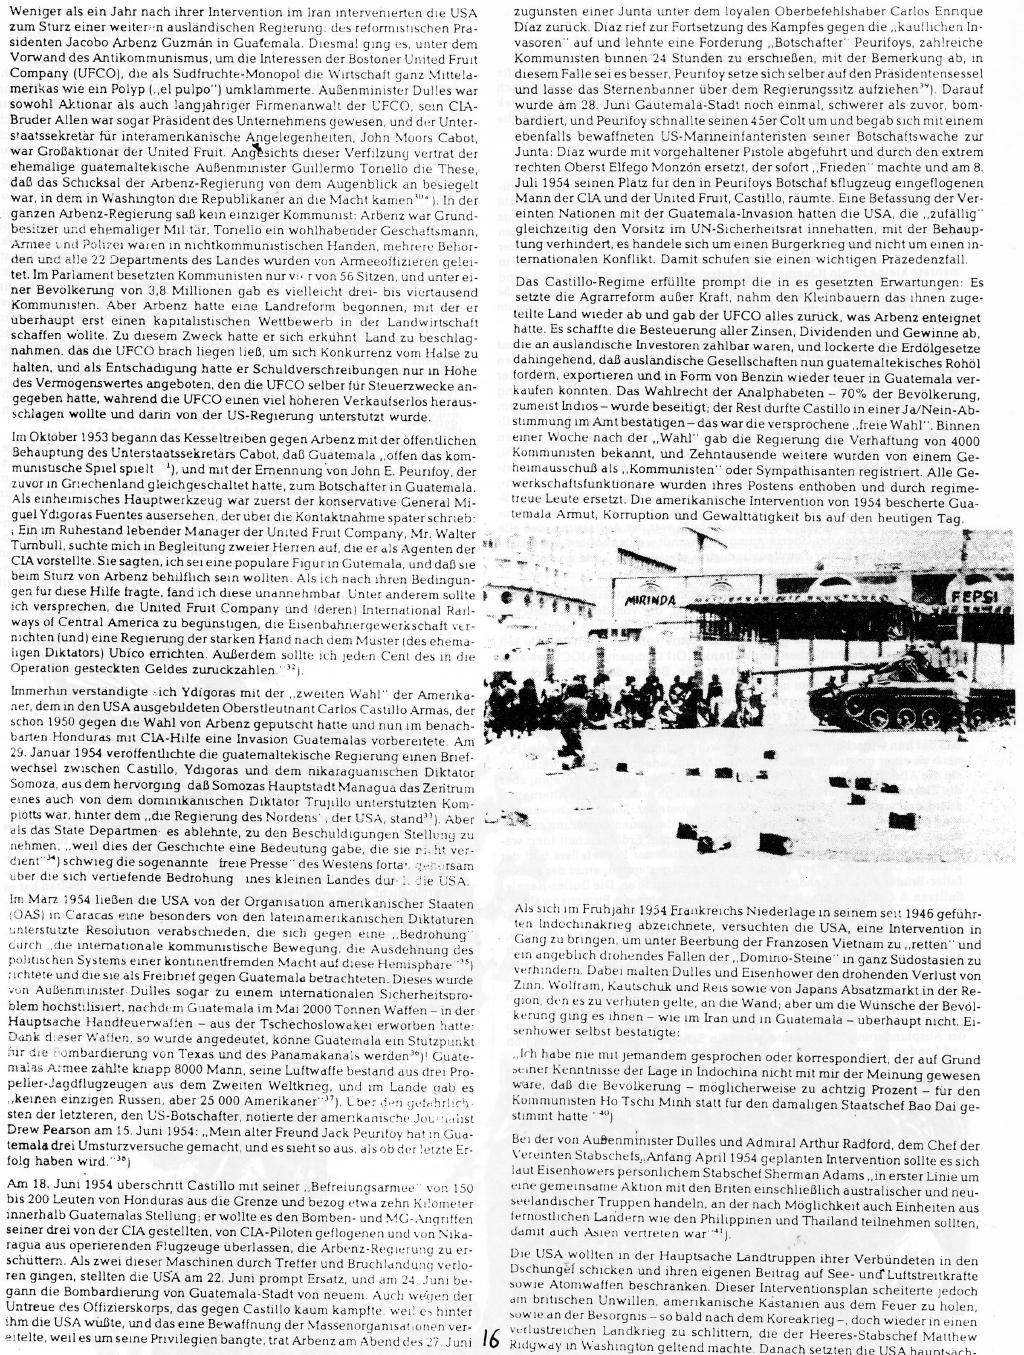 Bremen_1980_NATO_Broschuere_16